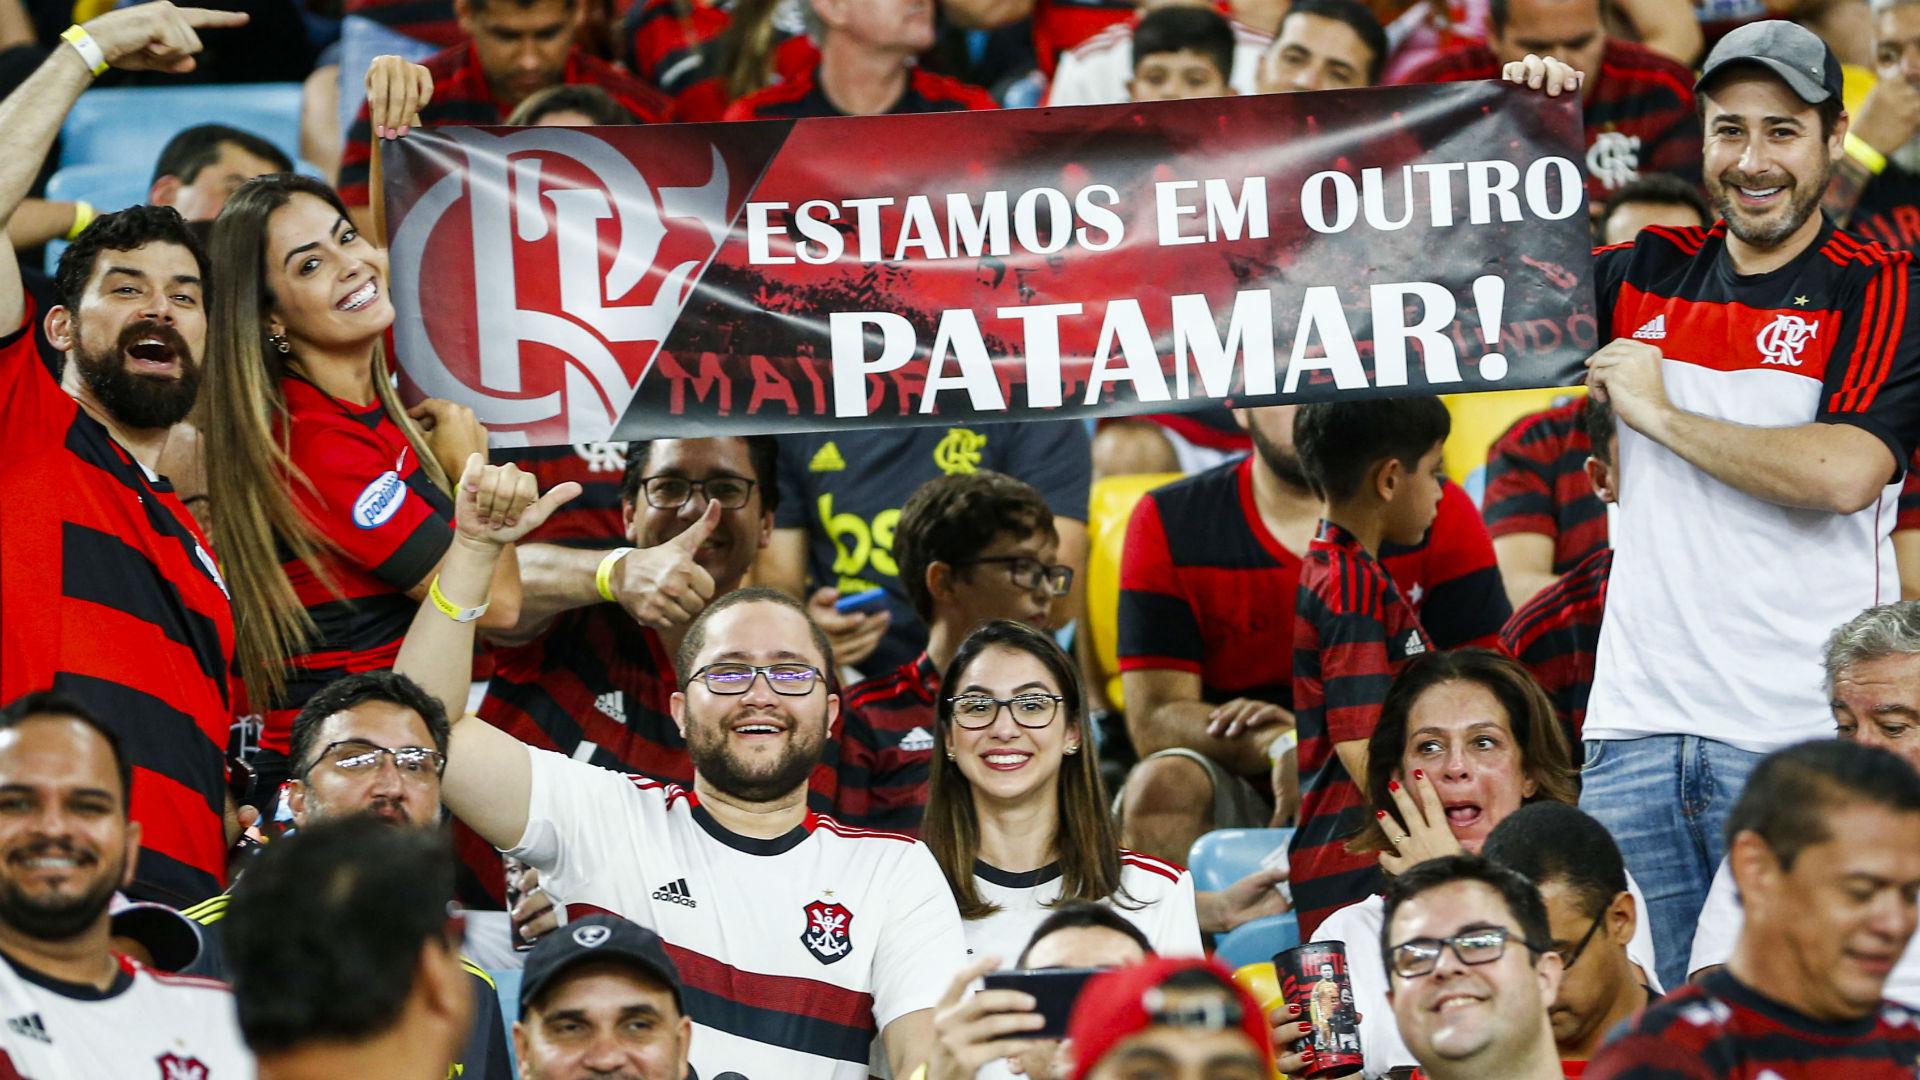 Onde Assistir A Macaé X Flamengo Pelo Campeonato Carioca